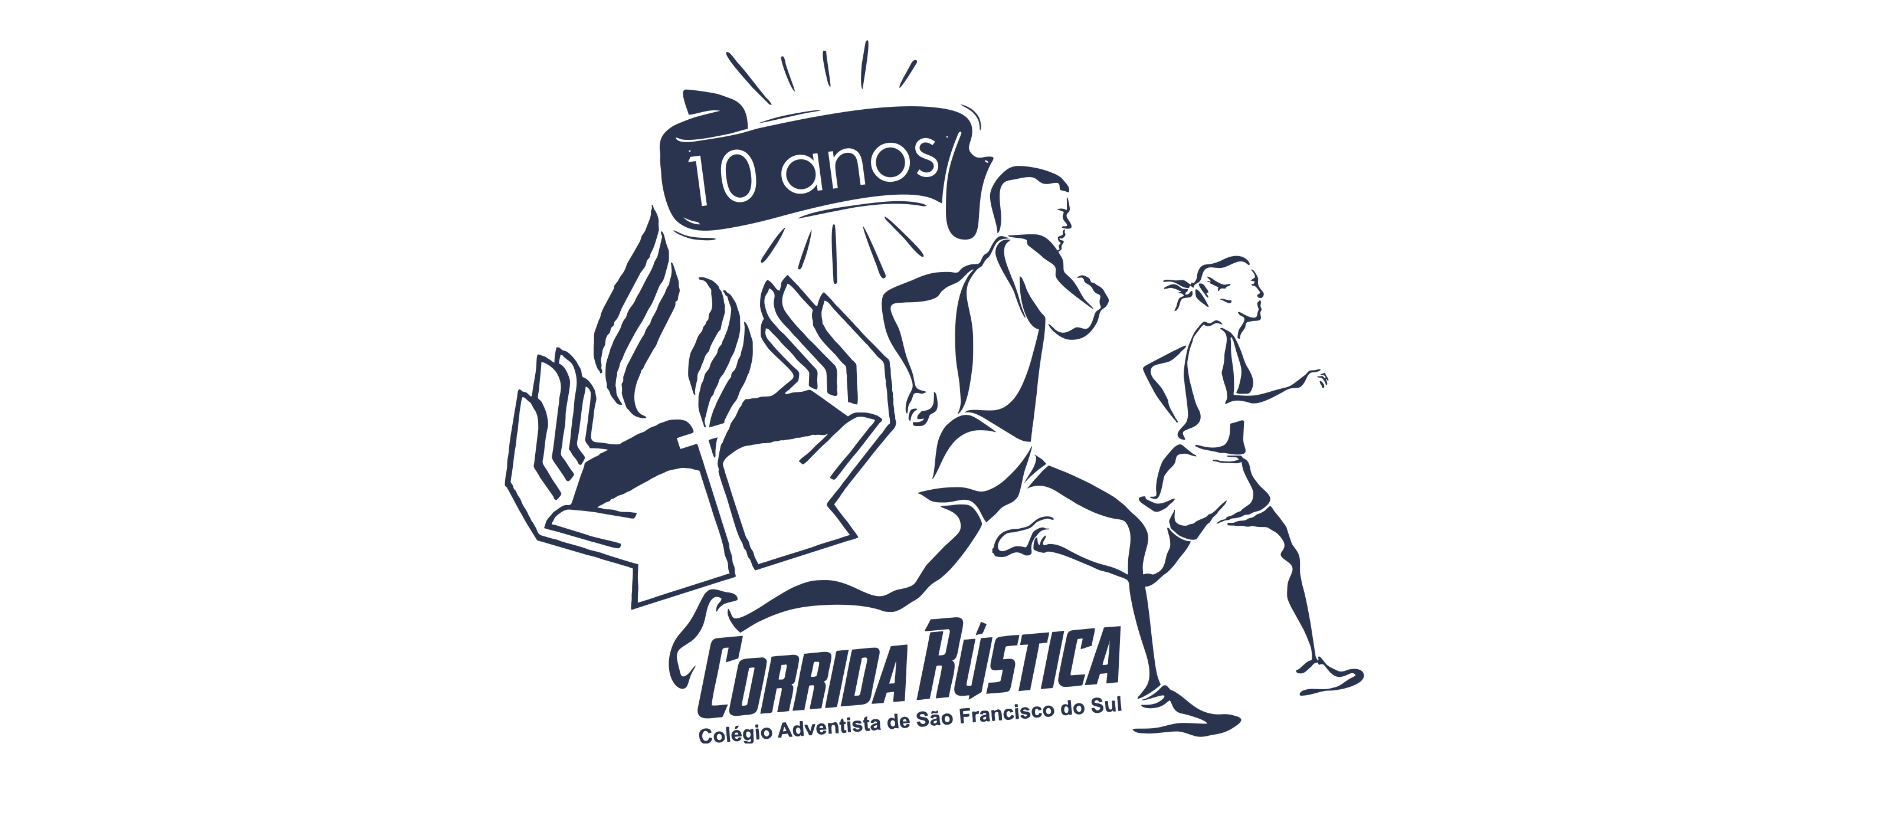 CASFS - CORRIDA COLÉGIO ADVENTISTA DE SÃO FRANCISCO DO SUL